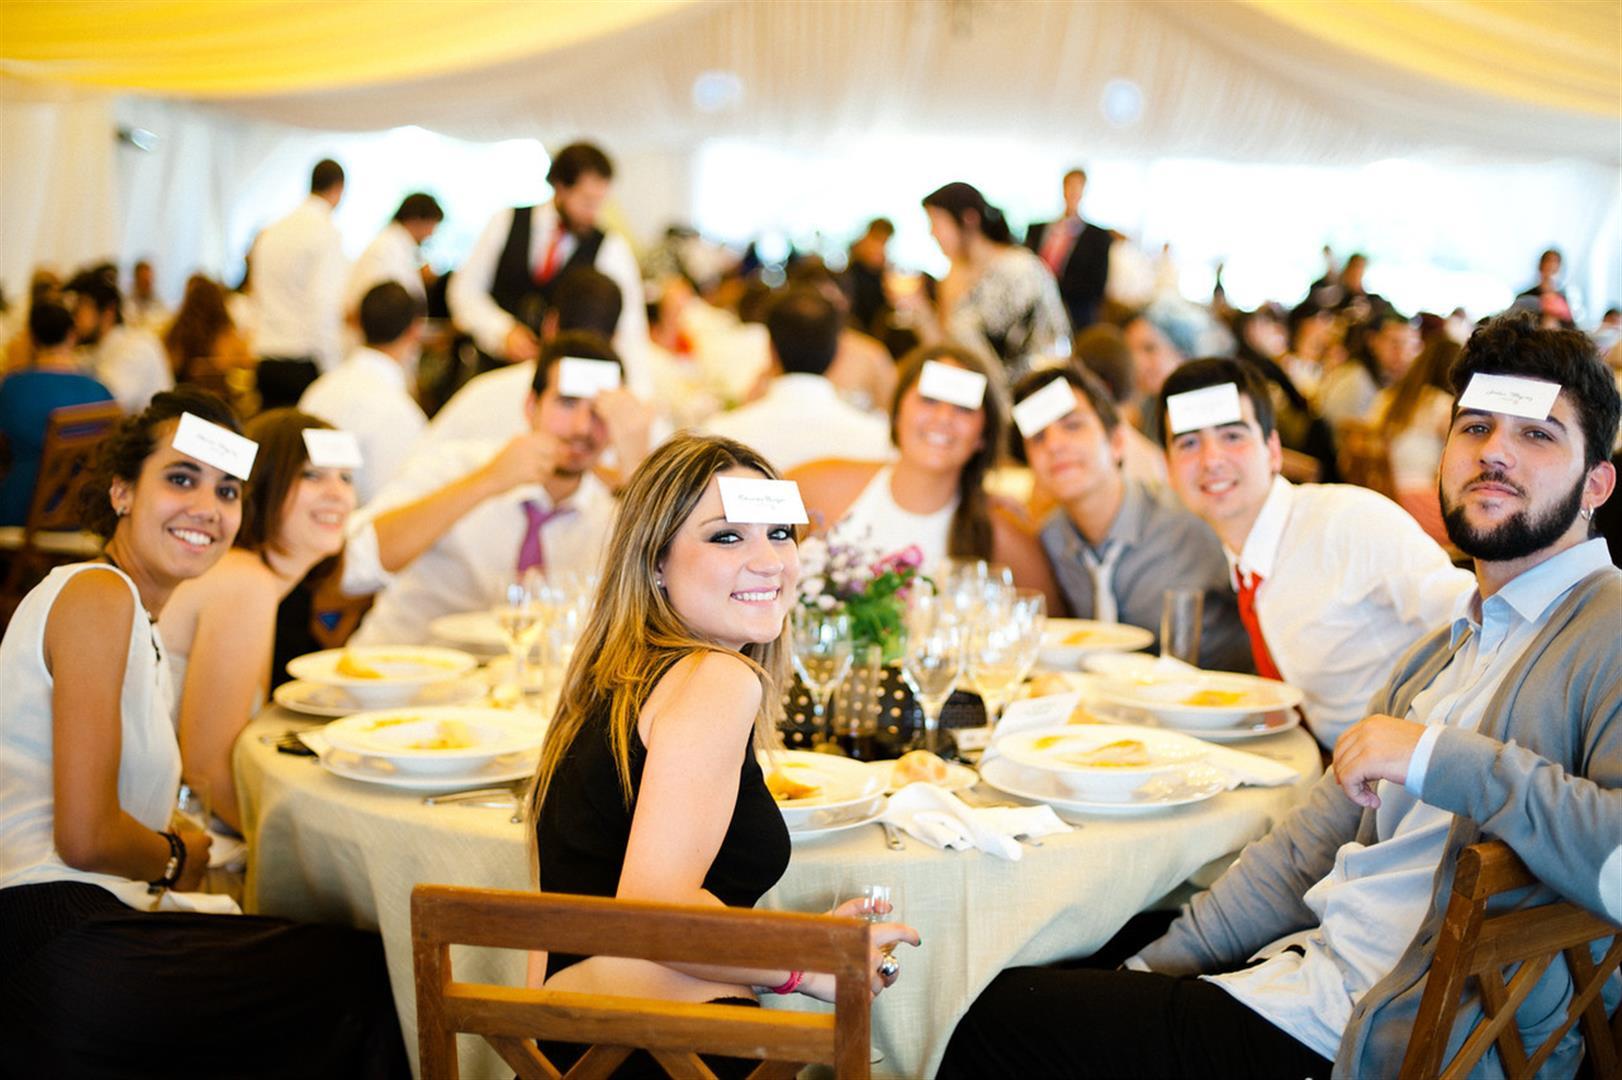 el sofa amarillo una boda divertida (5)